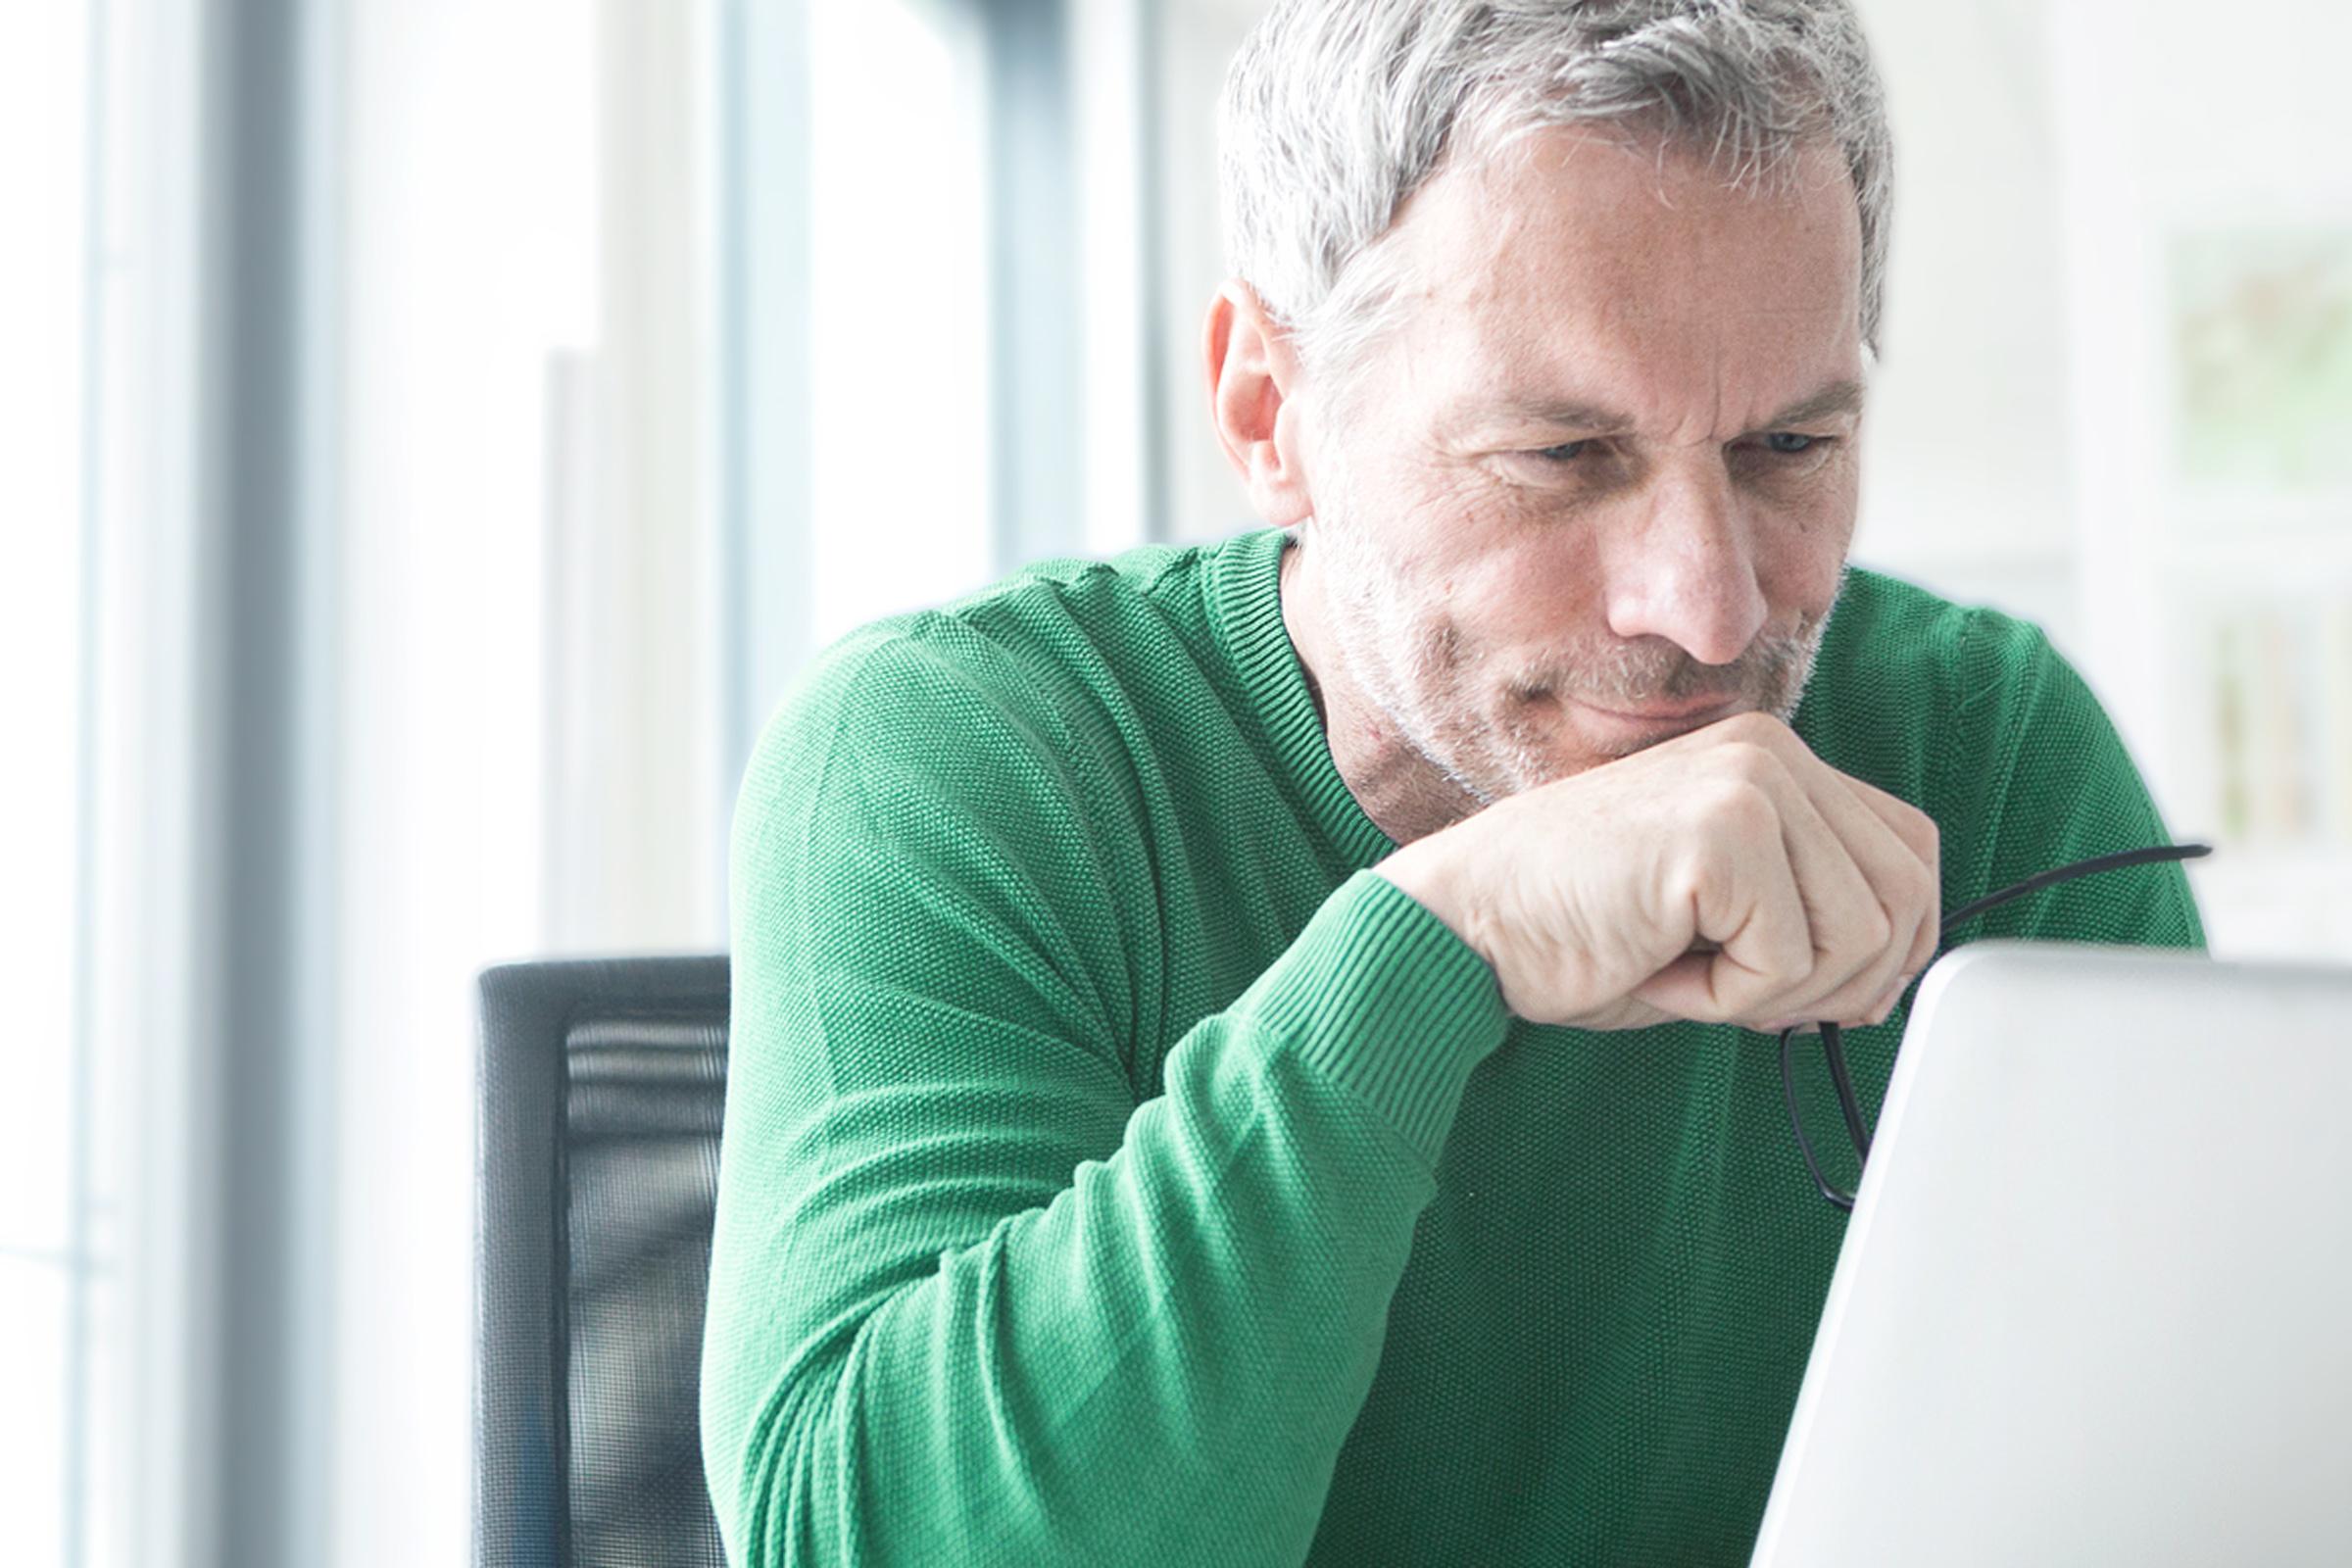 Inwestor porównuje na laptopie najlepszych brokerów w Polsce